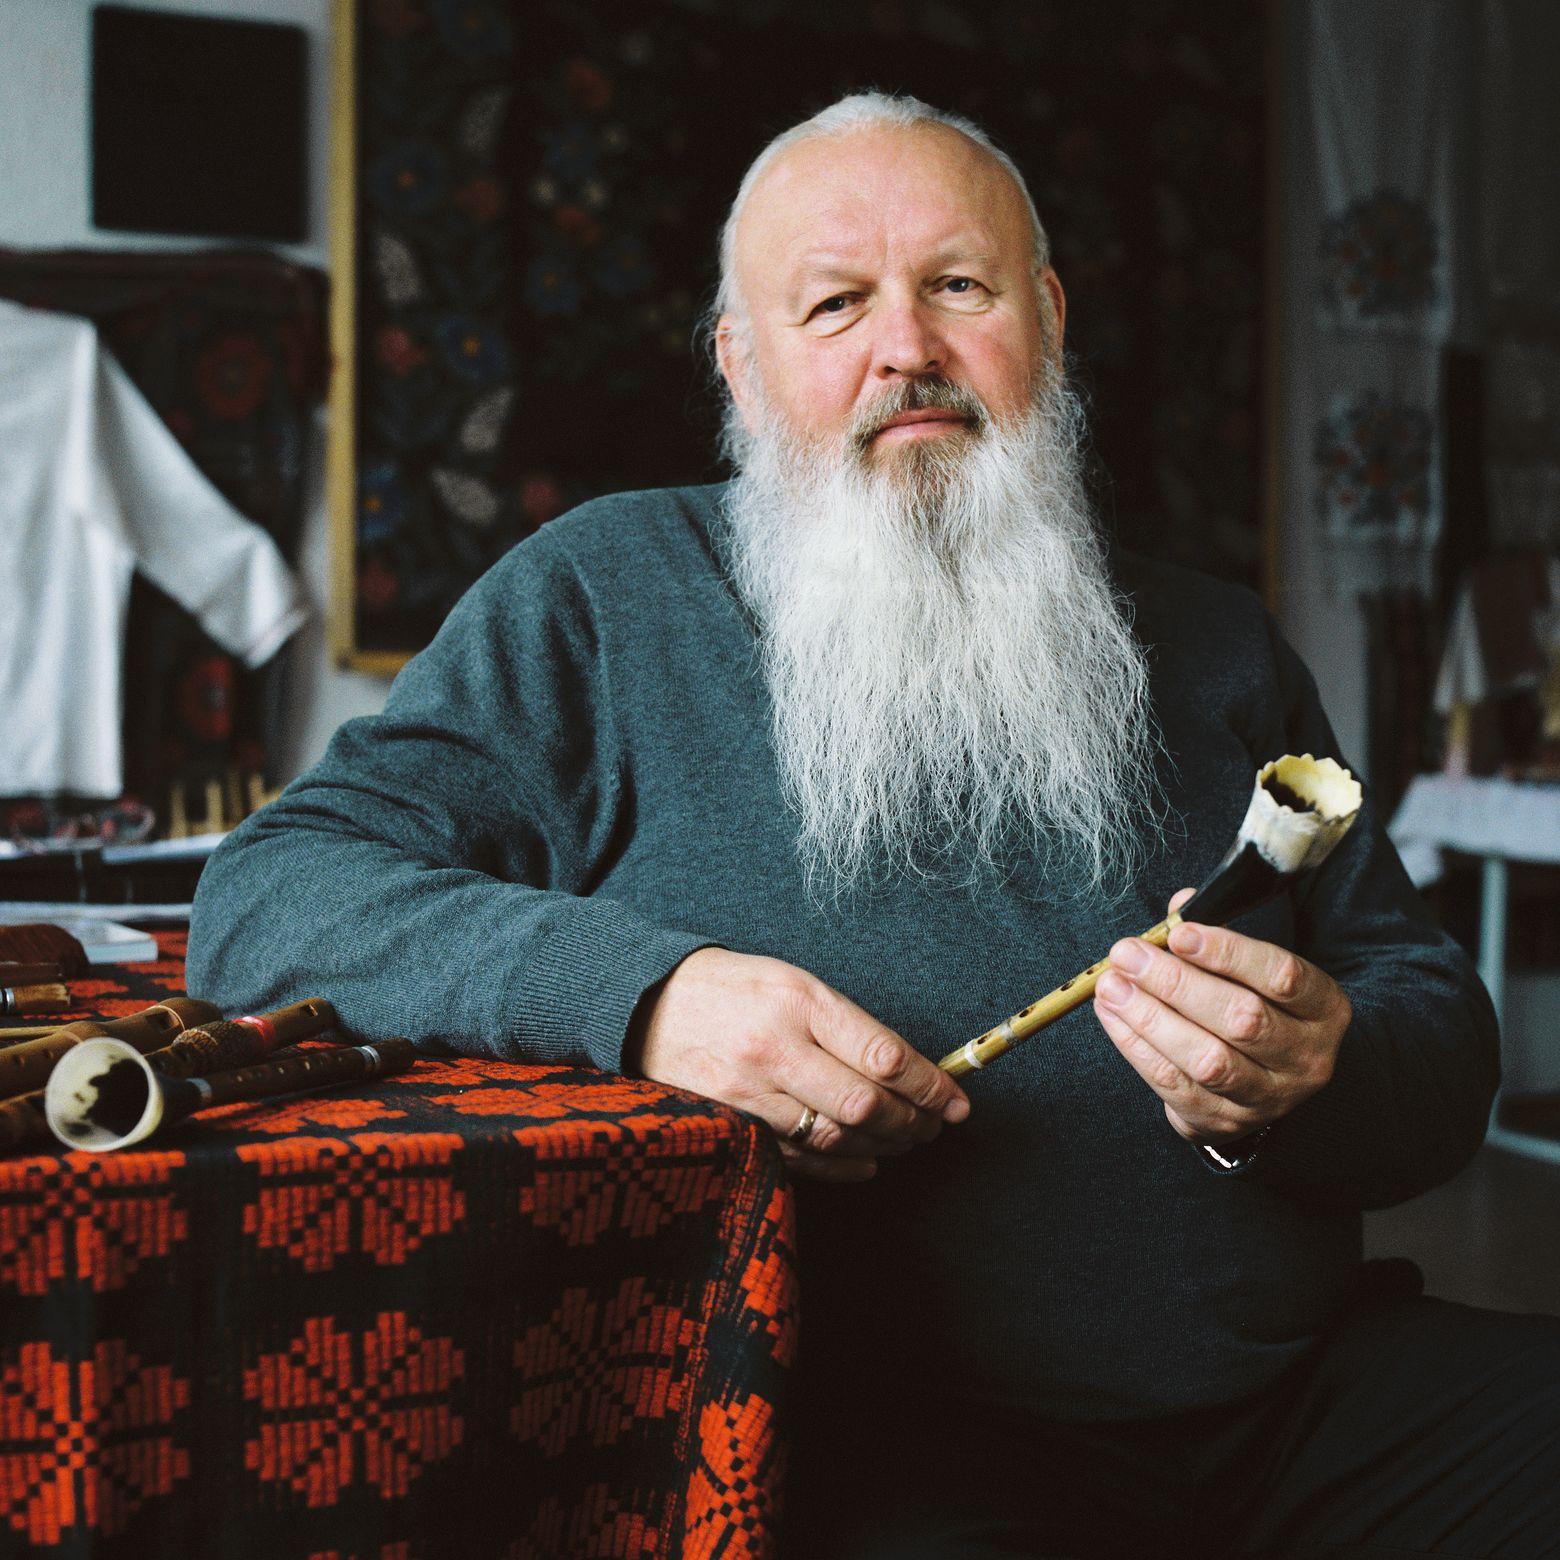 Музыкант, фолклорист и этнограф Иван Кирчук